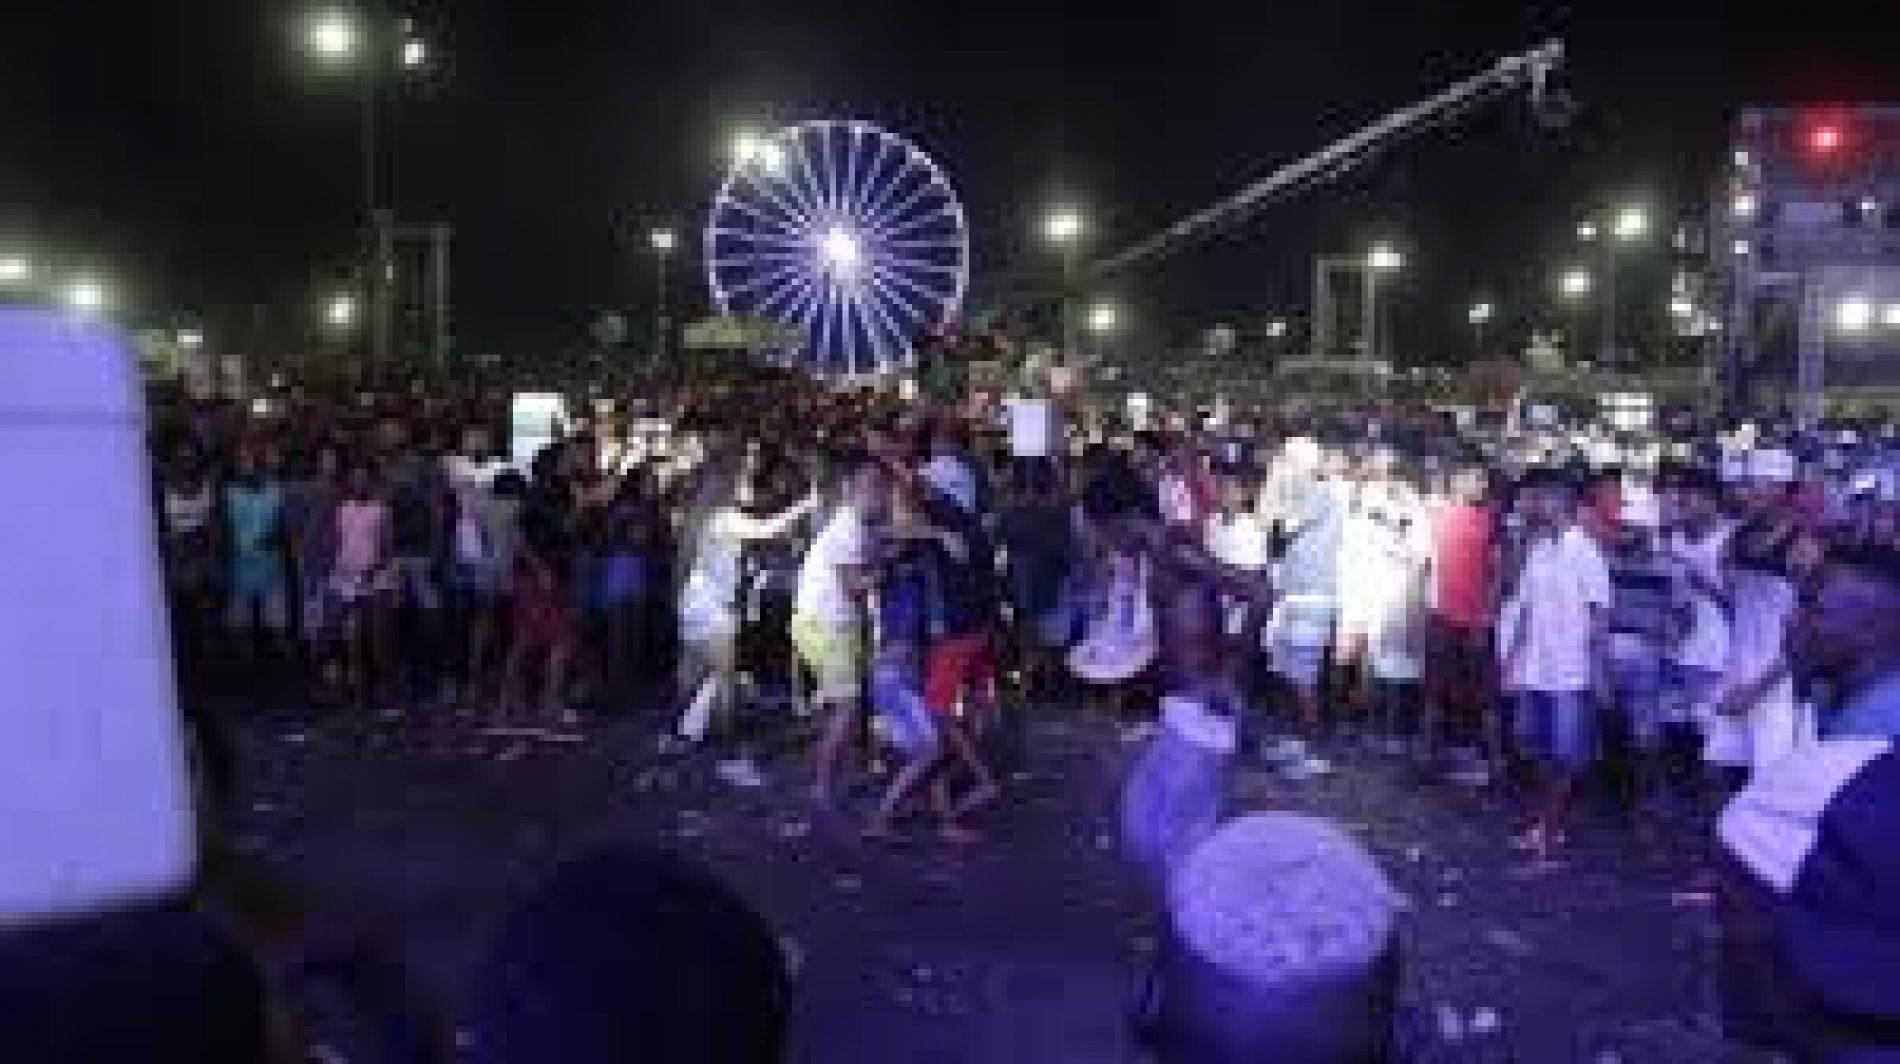 Guarda atua rapidamente para deter homem com facão em festival